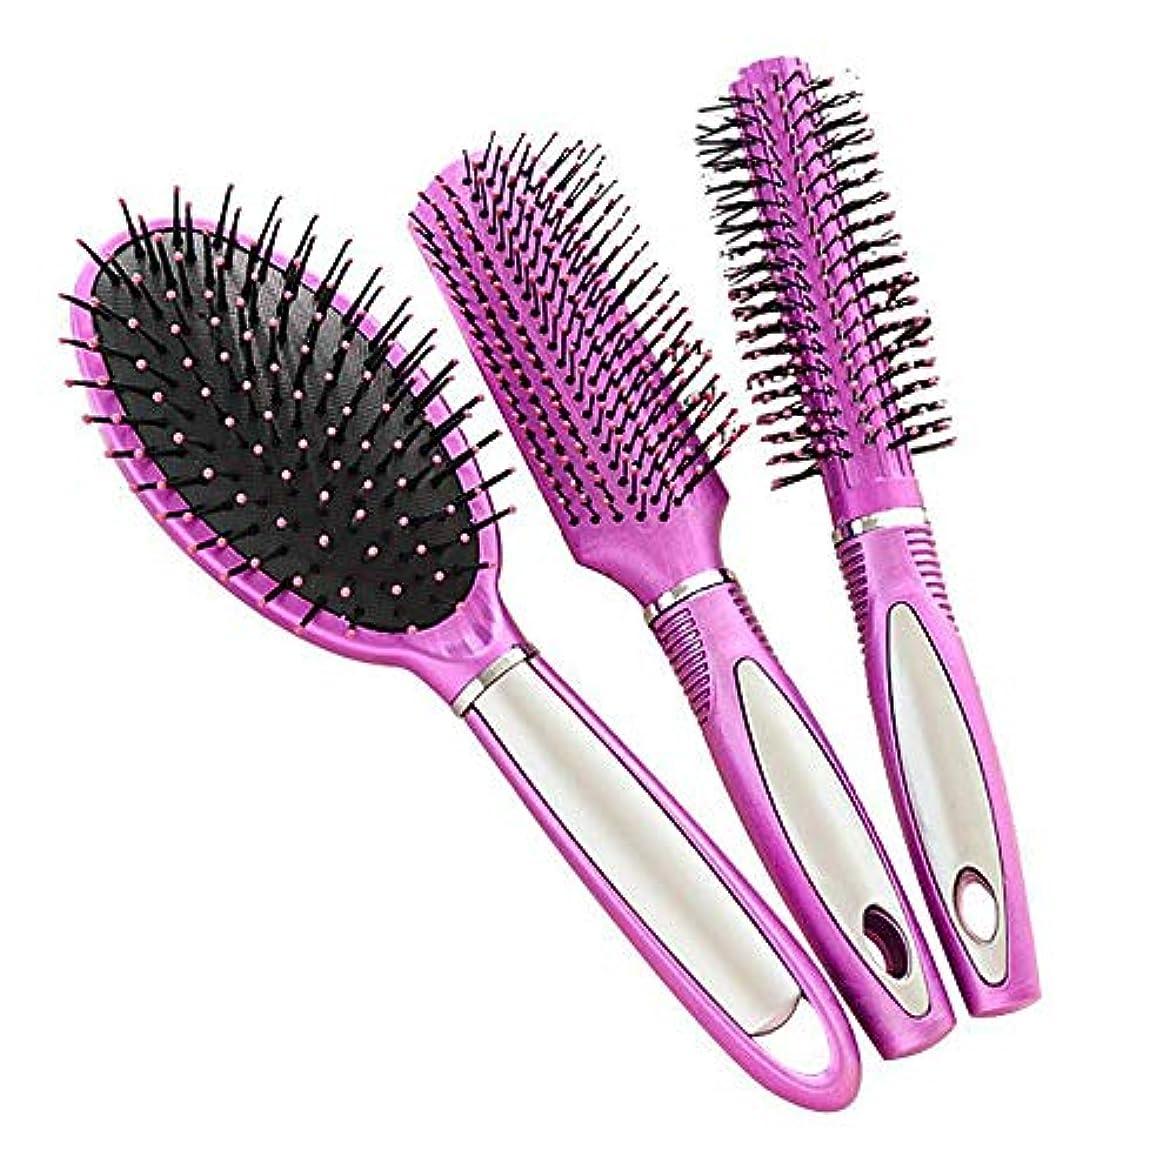 スロベニア改修優先帯電防止プラスチック製のヘアブラシ、すべての髪の種類のためのヘアマッサージDetangler(3PCS)